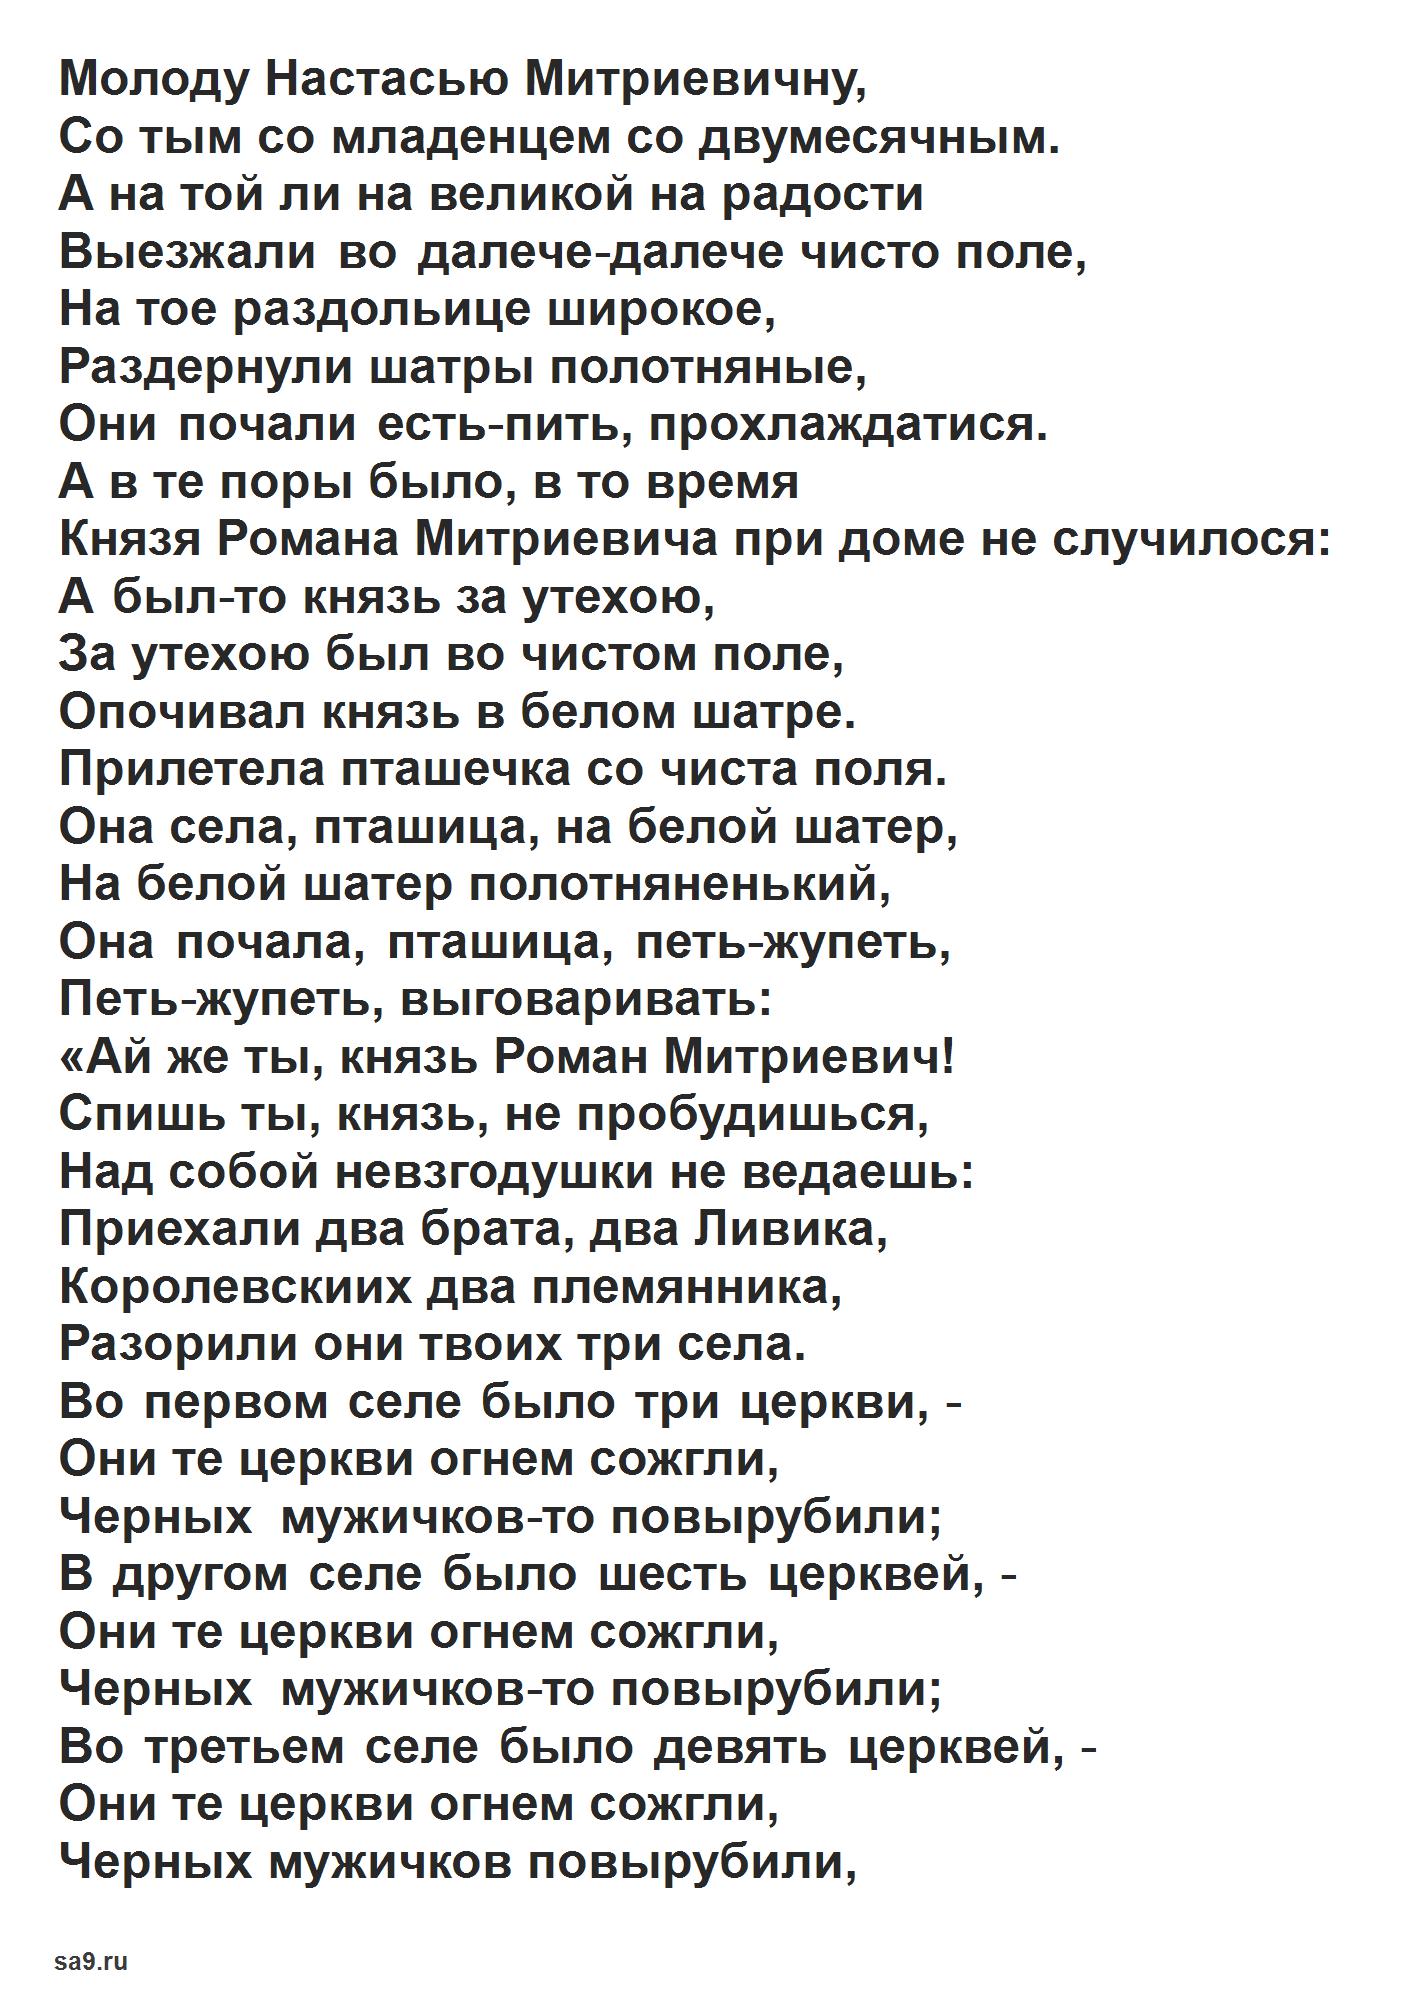 Читать русскую народную былину - Князь Роман и братья Ливики